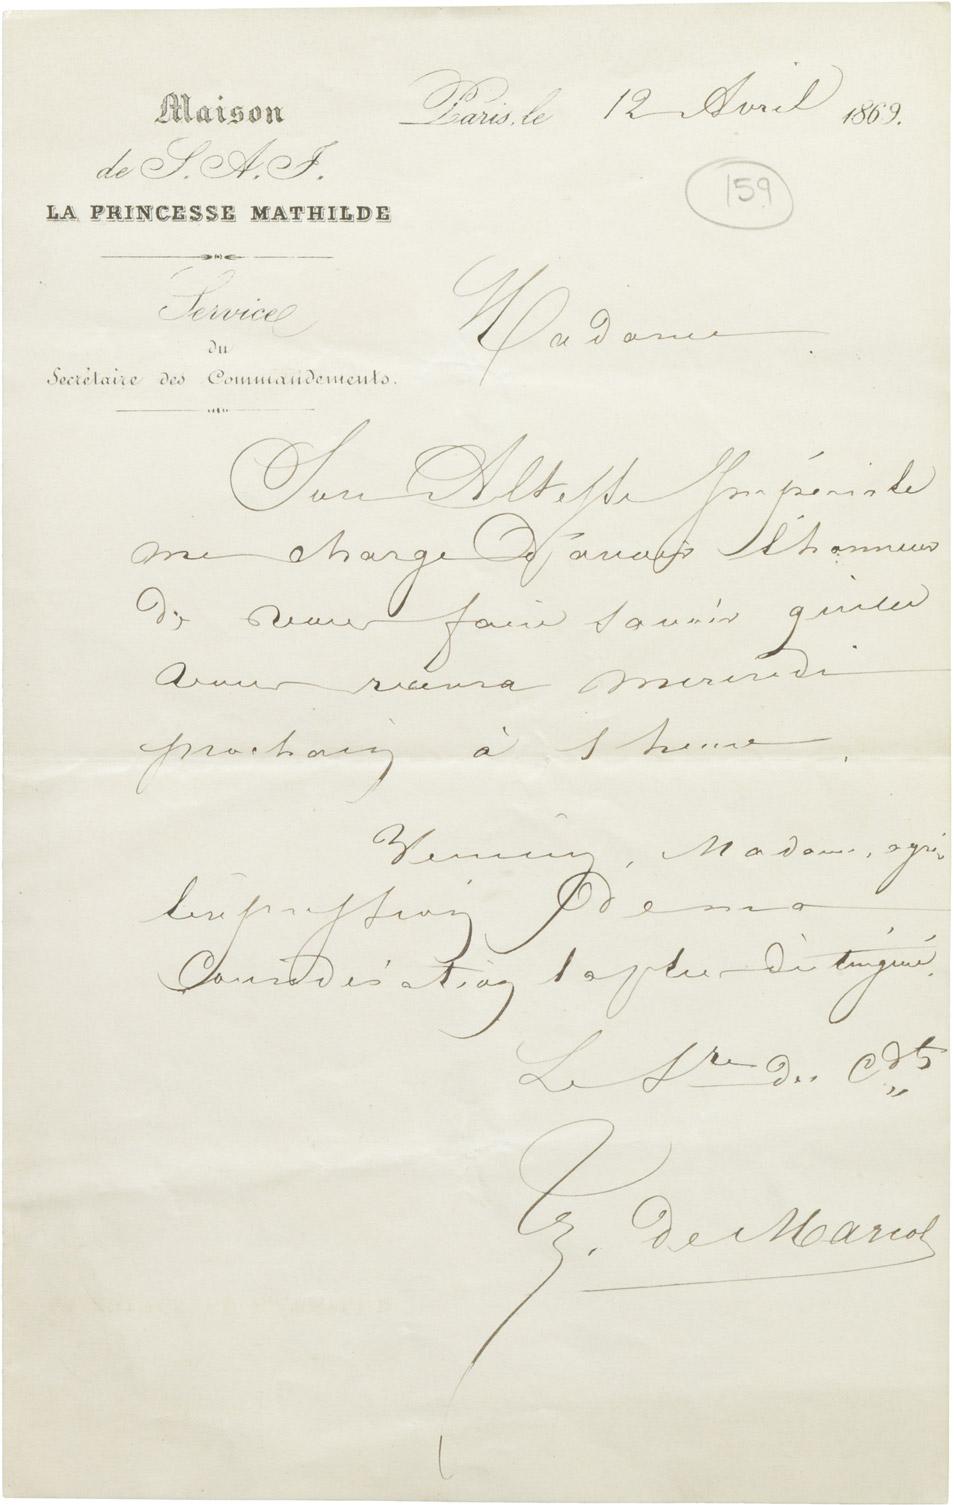 Invitation de la princesse Mathilde à Dinah Félix - Patrimoine Charles-André COLONNA WALEWSKI, en ligne directe de Napoléon